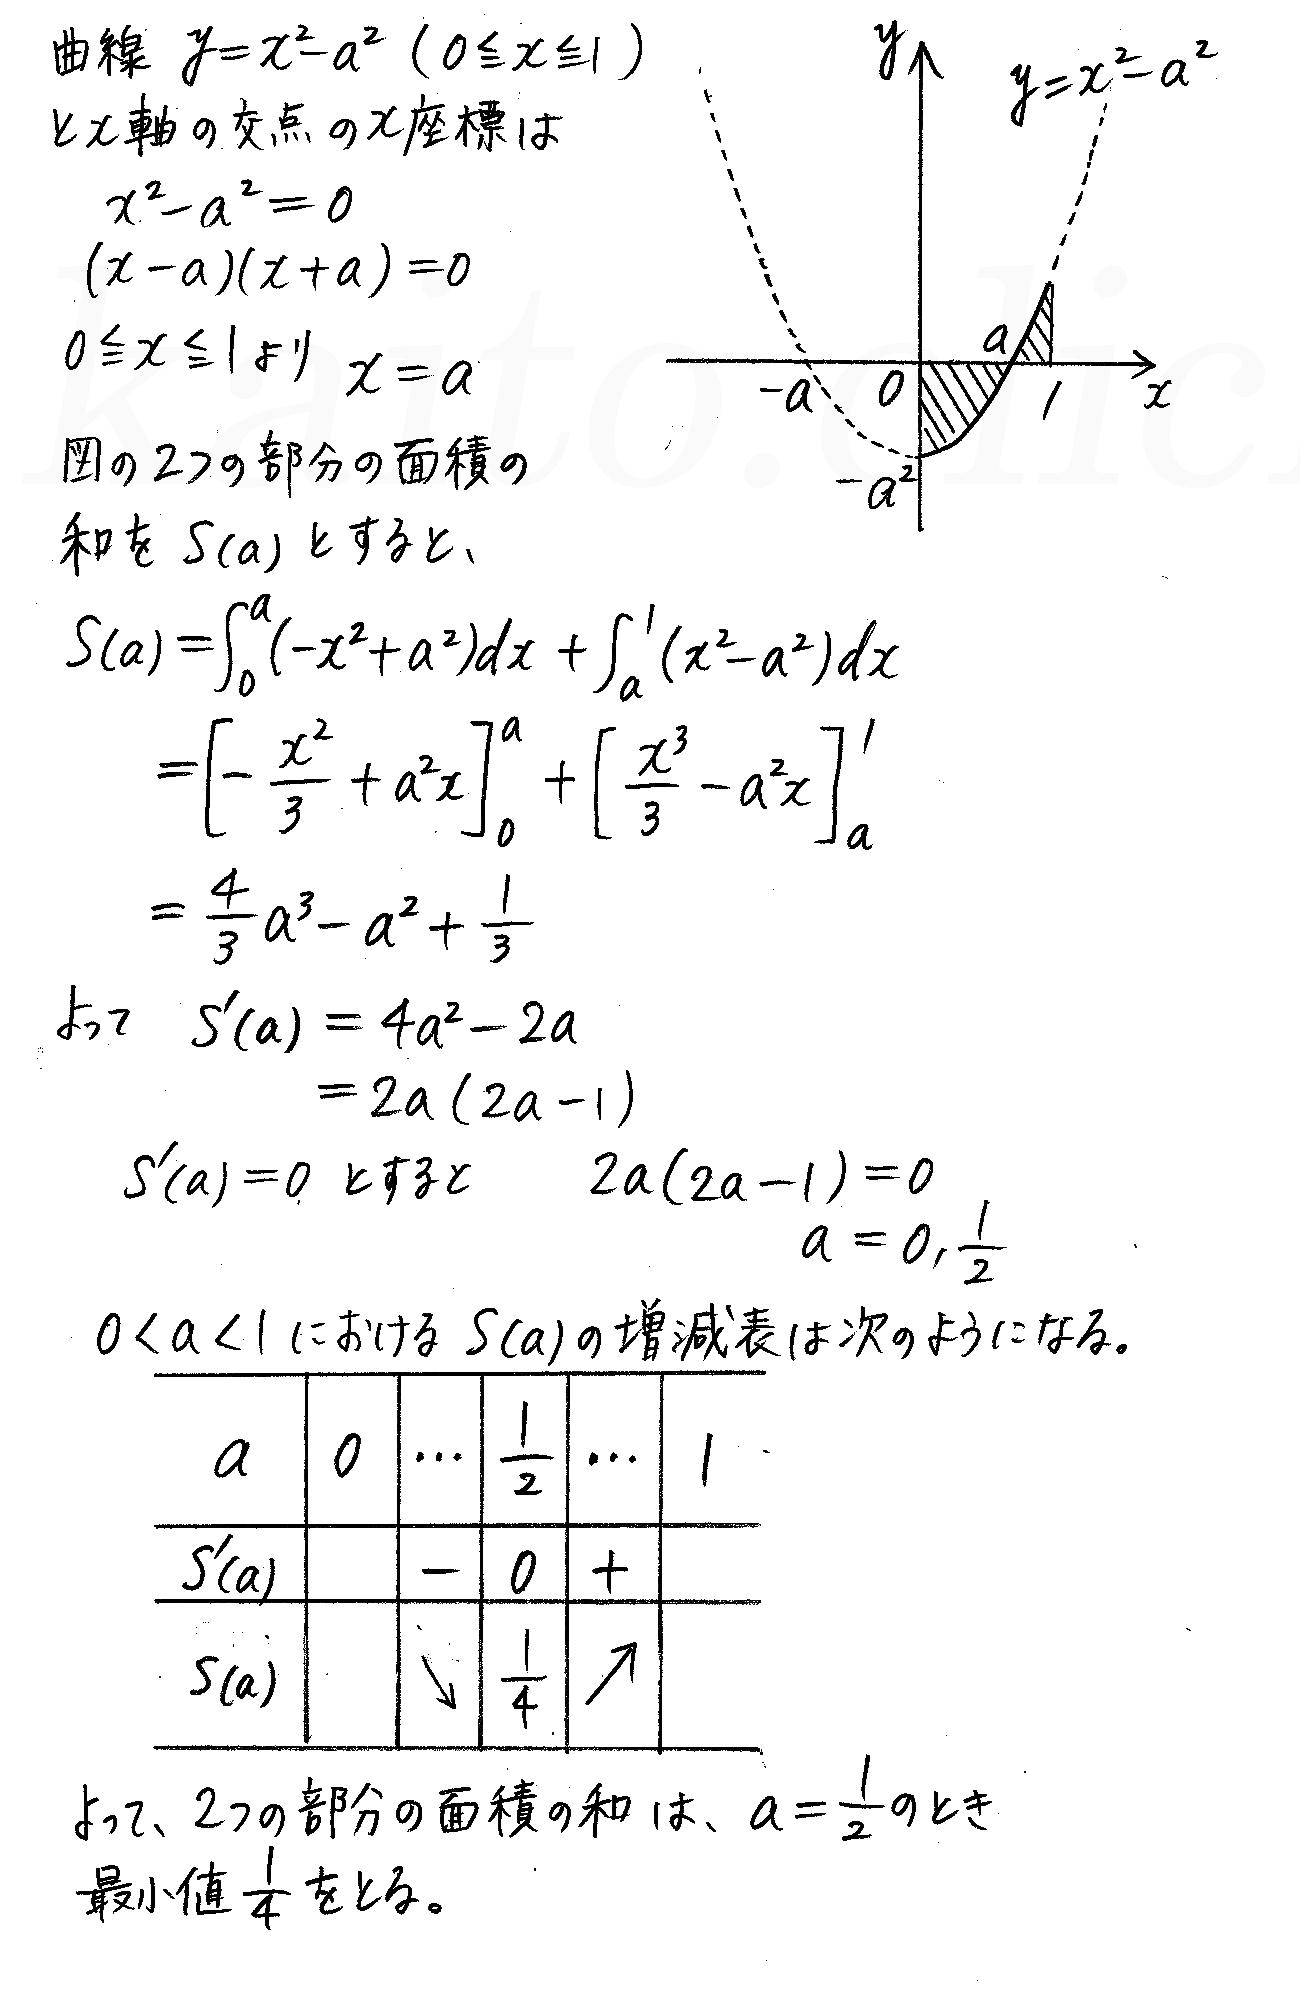 クリアー数学2-497解答